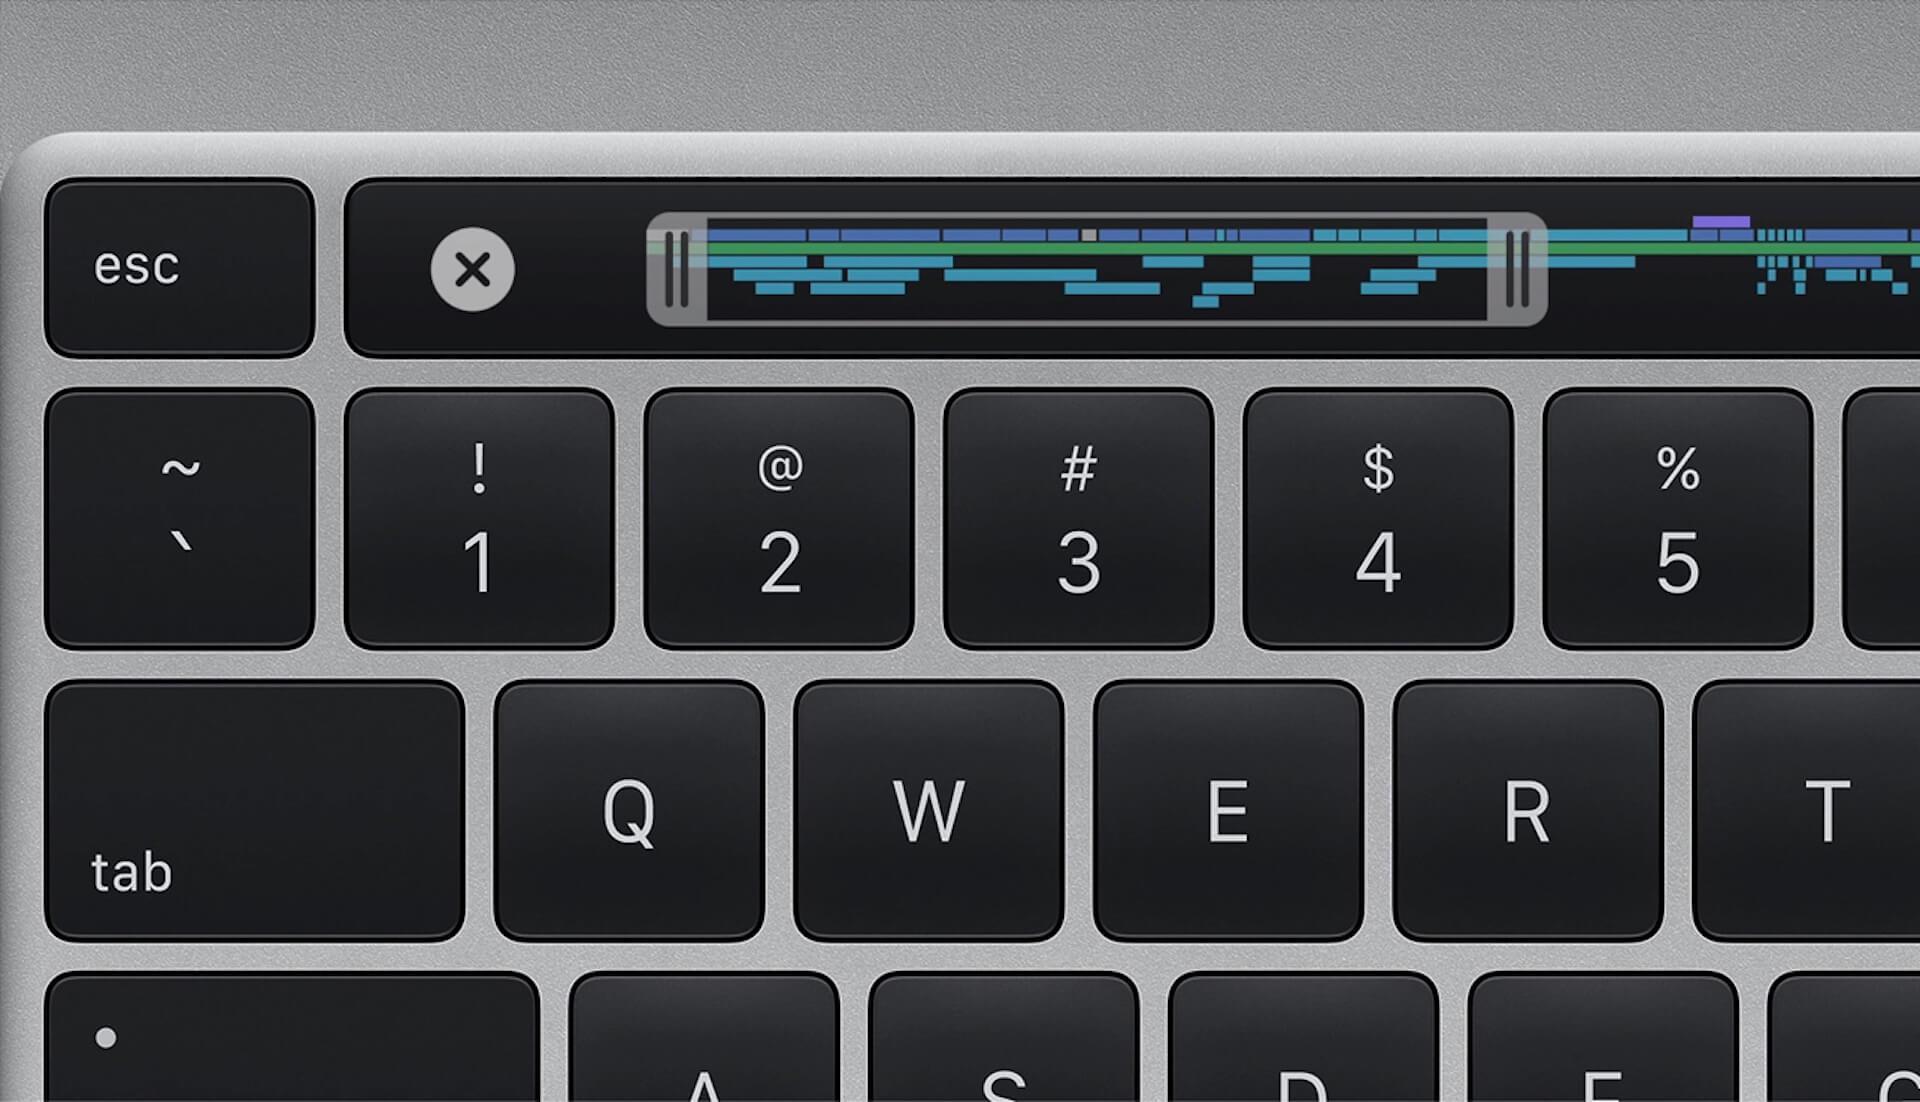 シザー式キーボード搭載のMacBookがまもなく登場!?2020年第2四半期に発表か tech200313_macbook_1